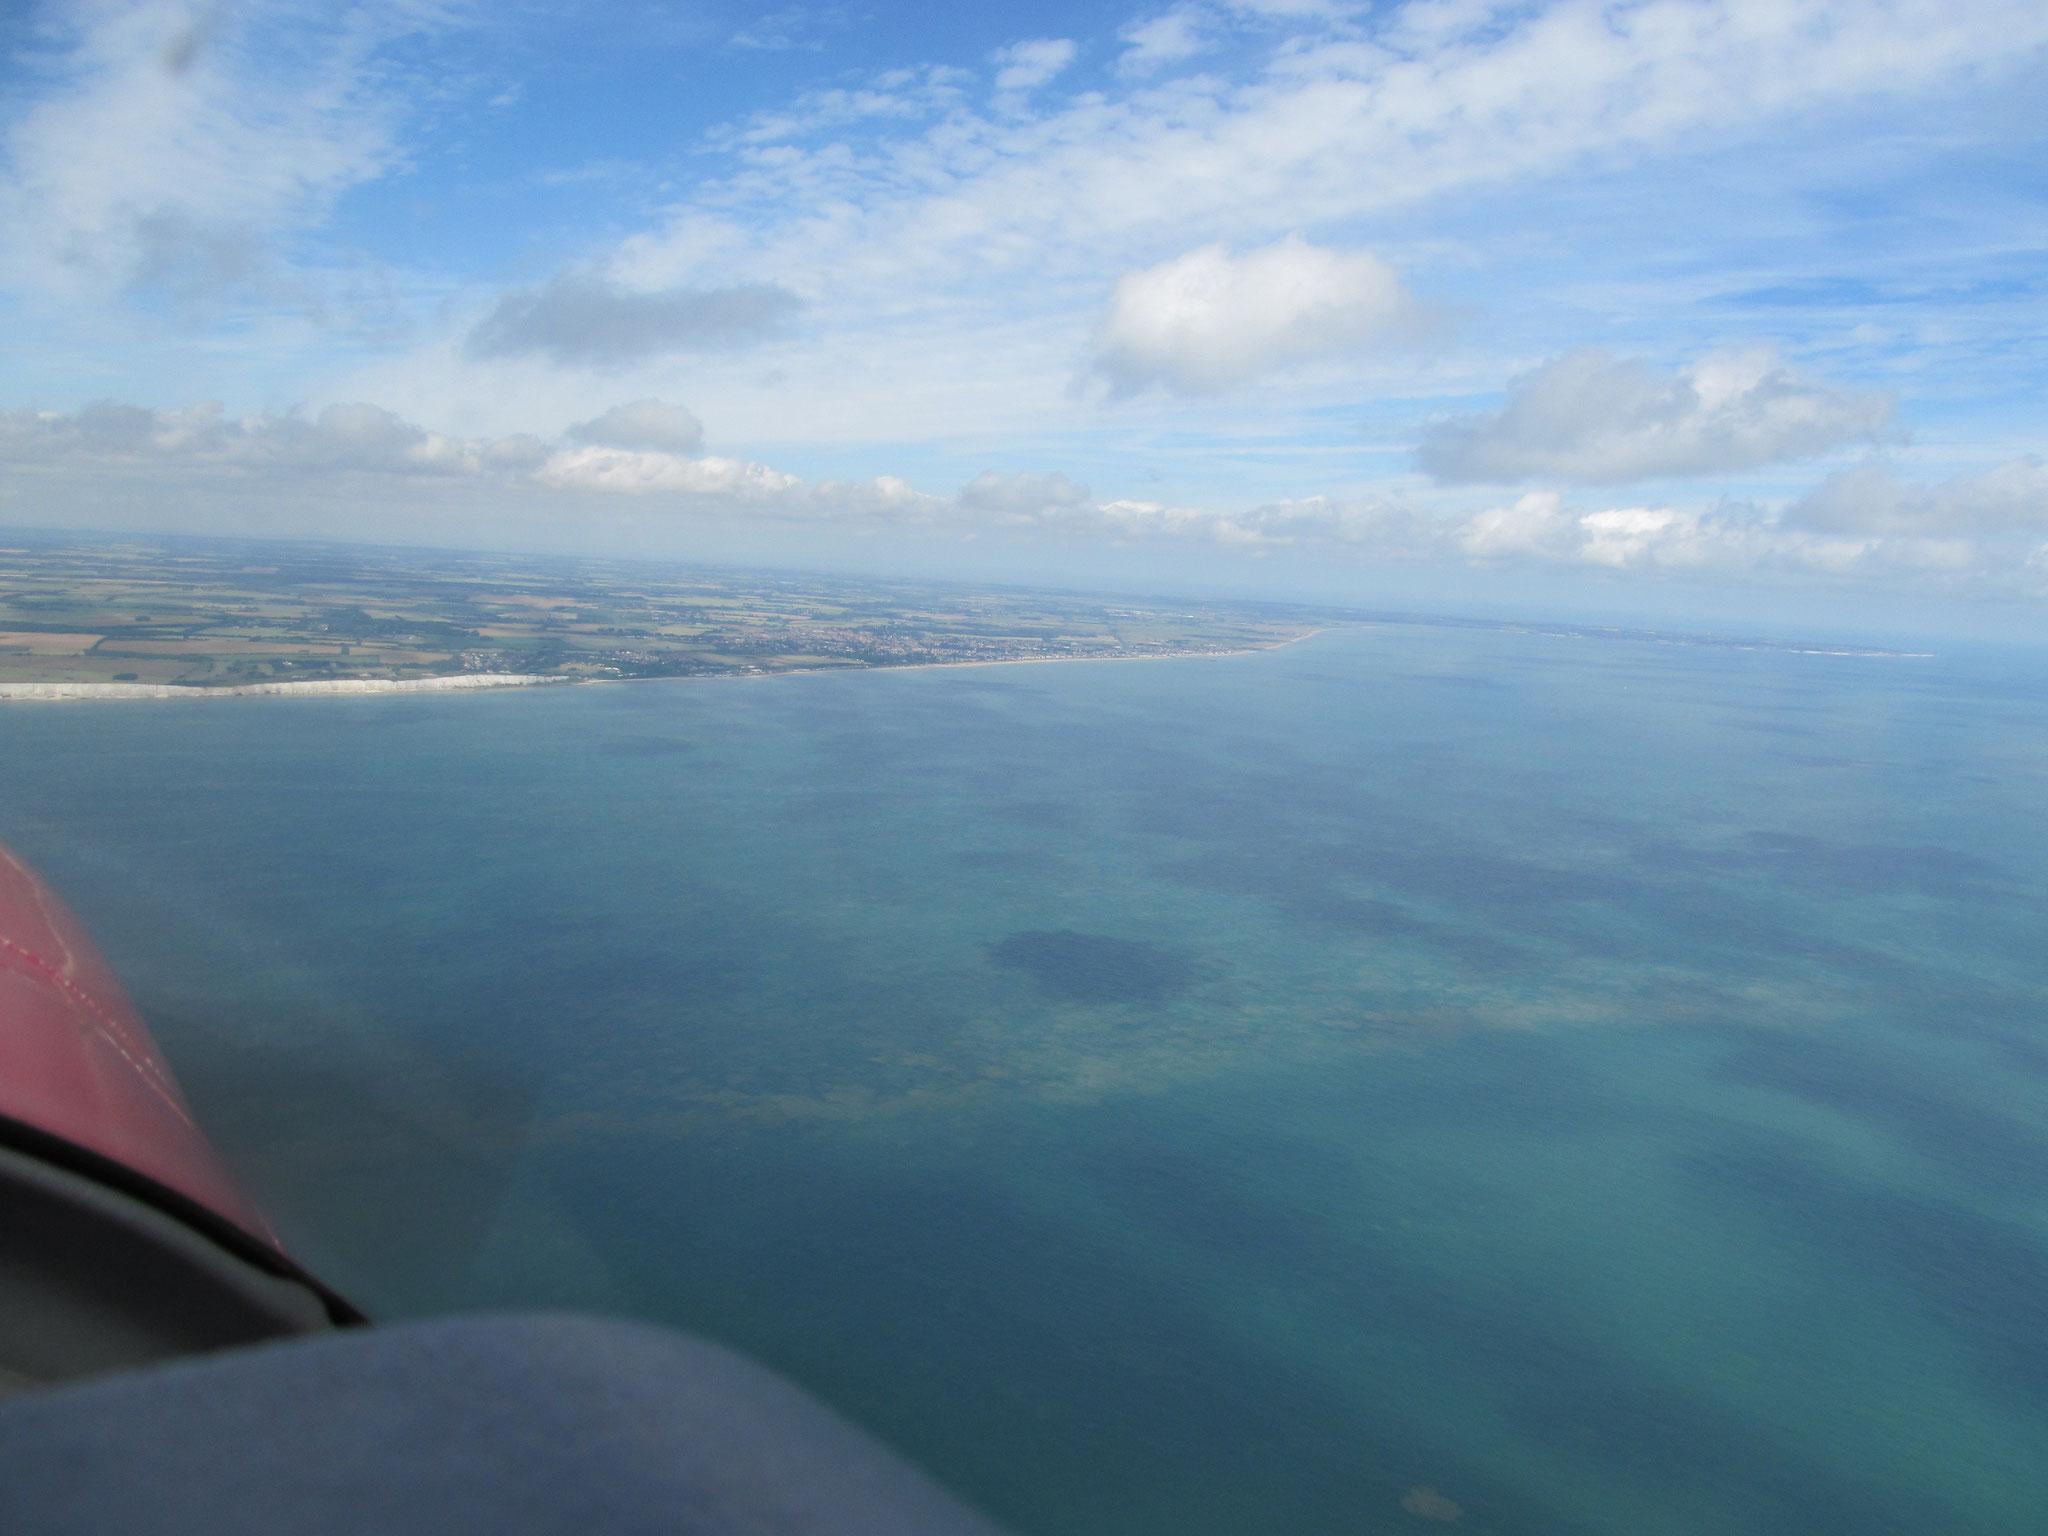 La traversée de la Manche